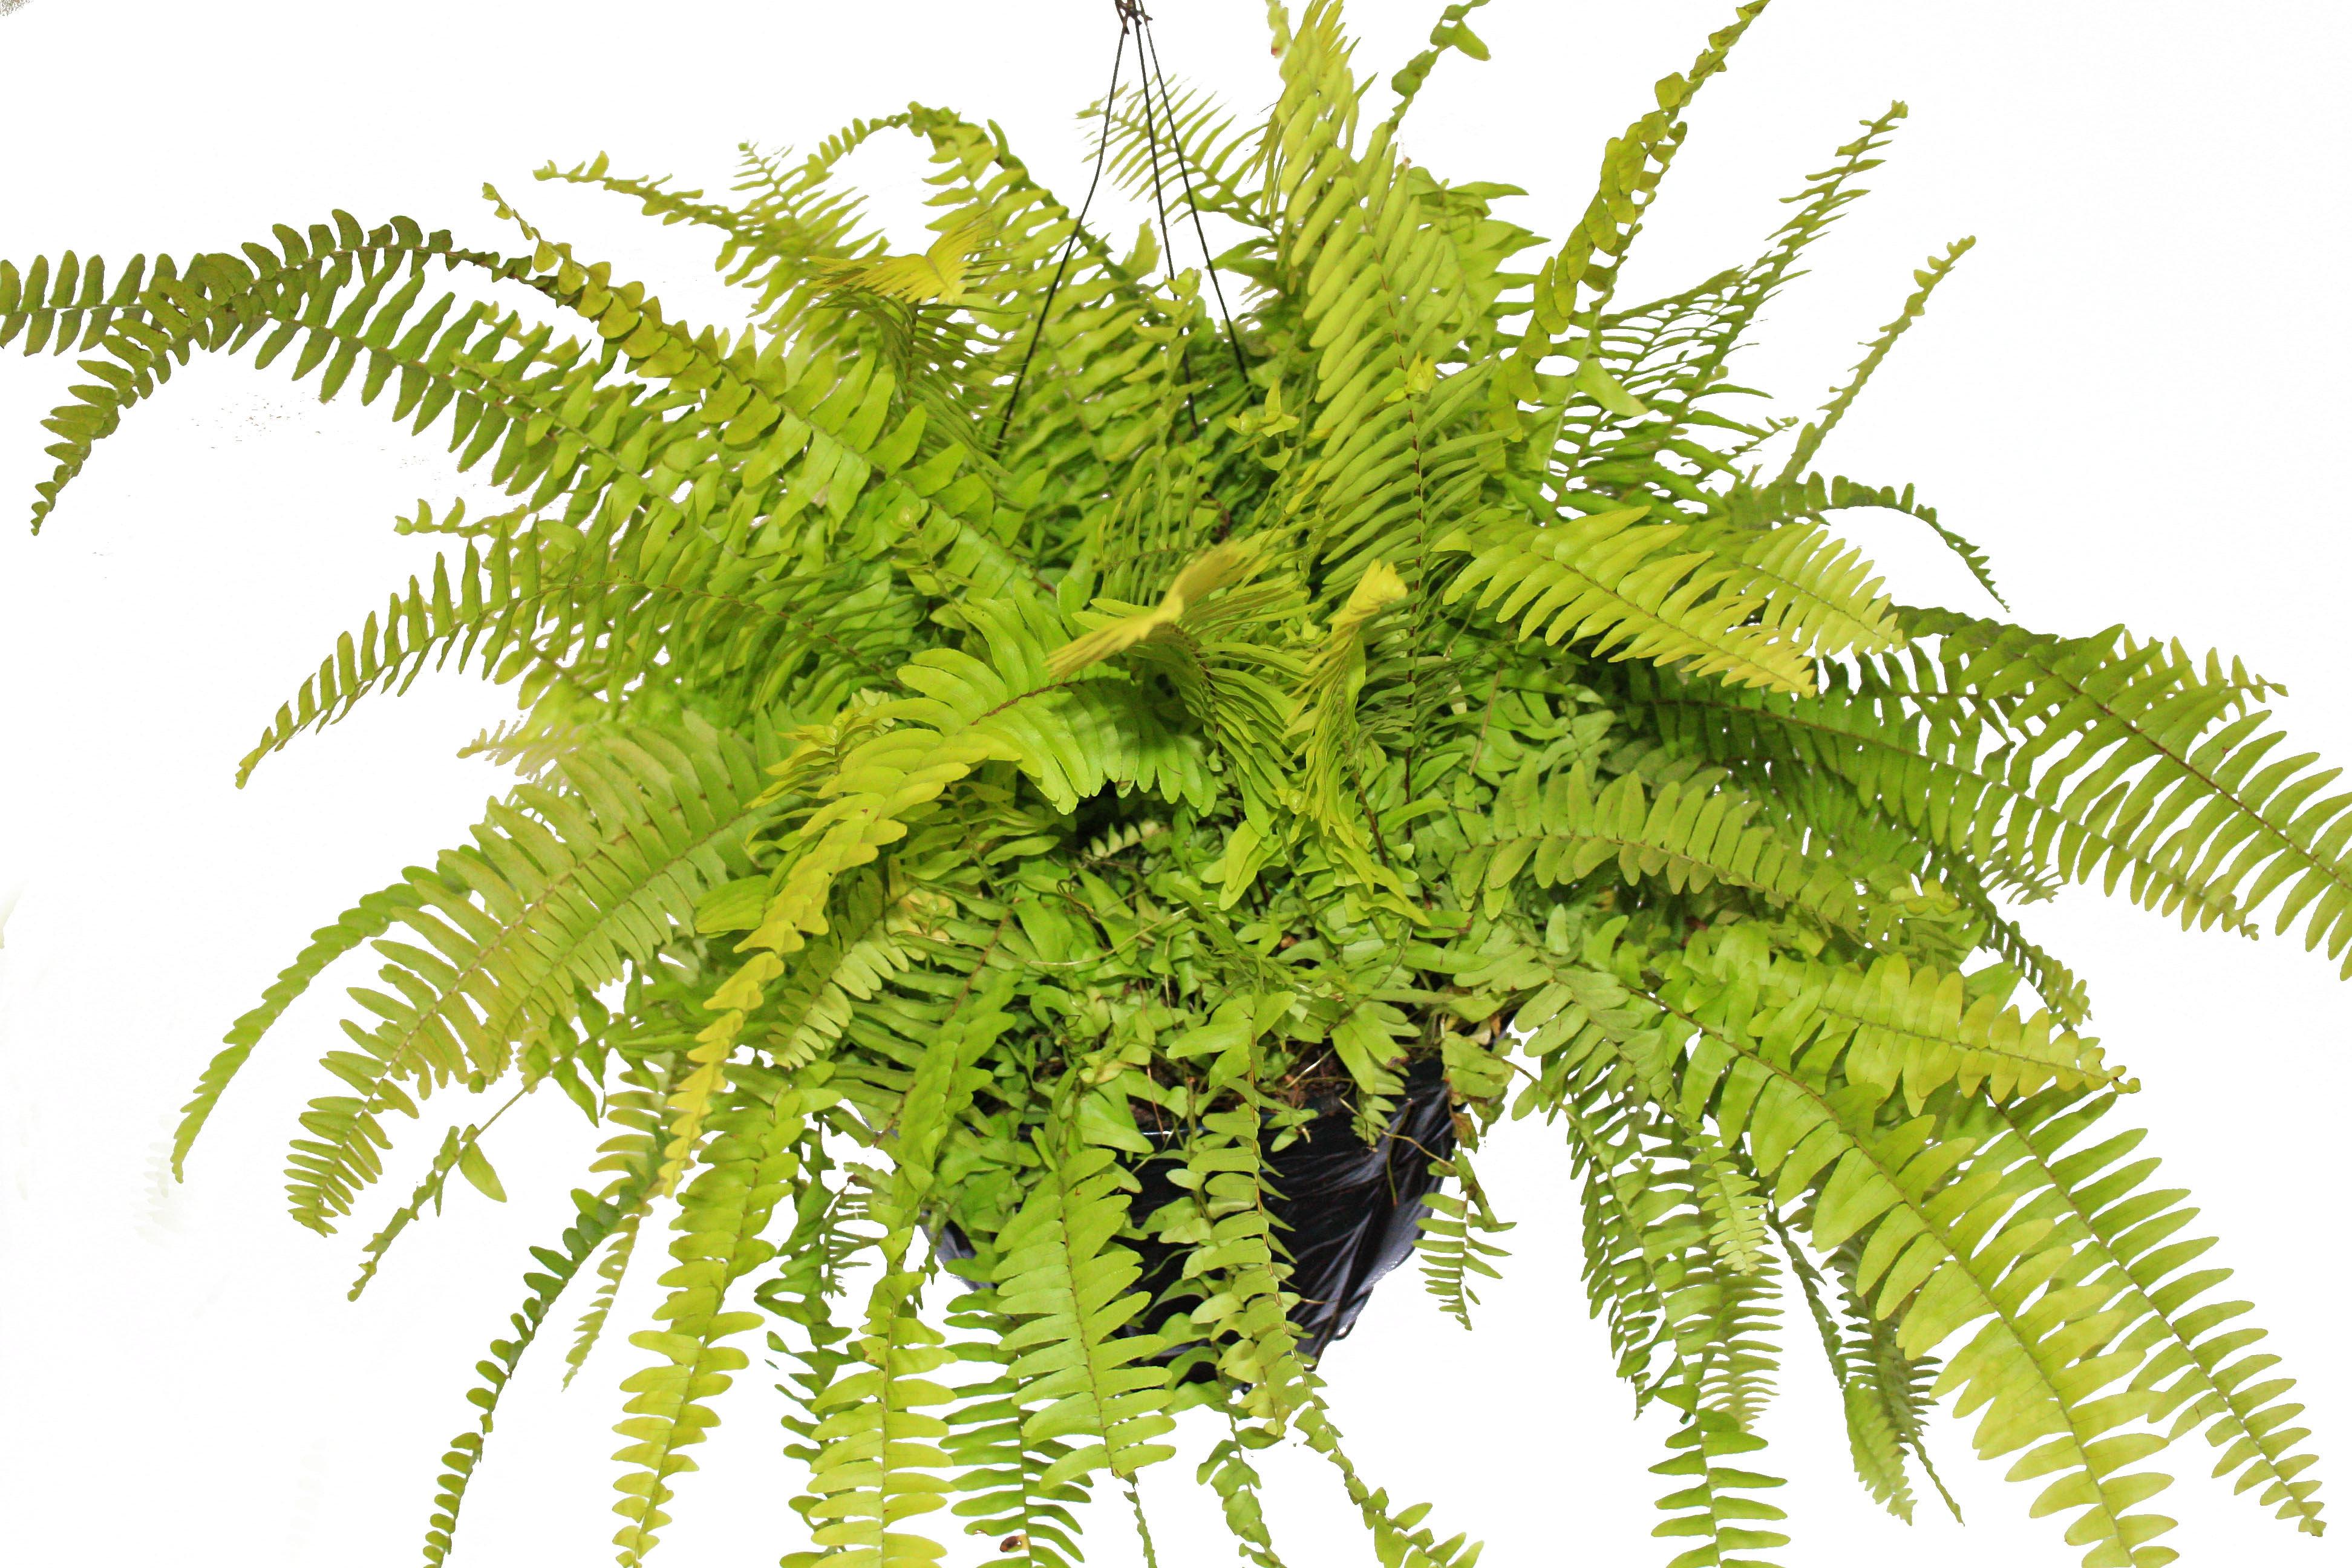 Plantas ornamentales vivero cinco sentidos aromaticas for Plantas ornamentales helechos